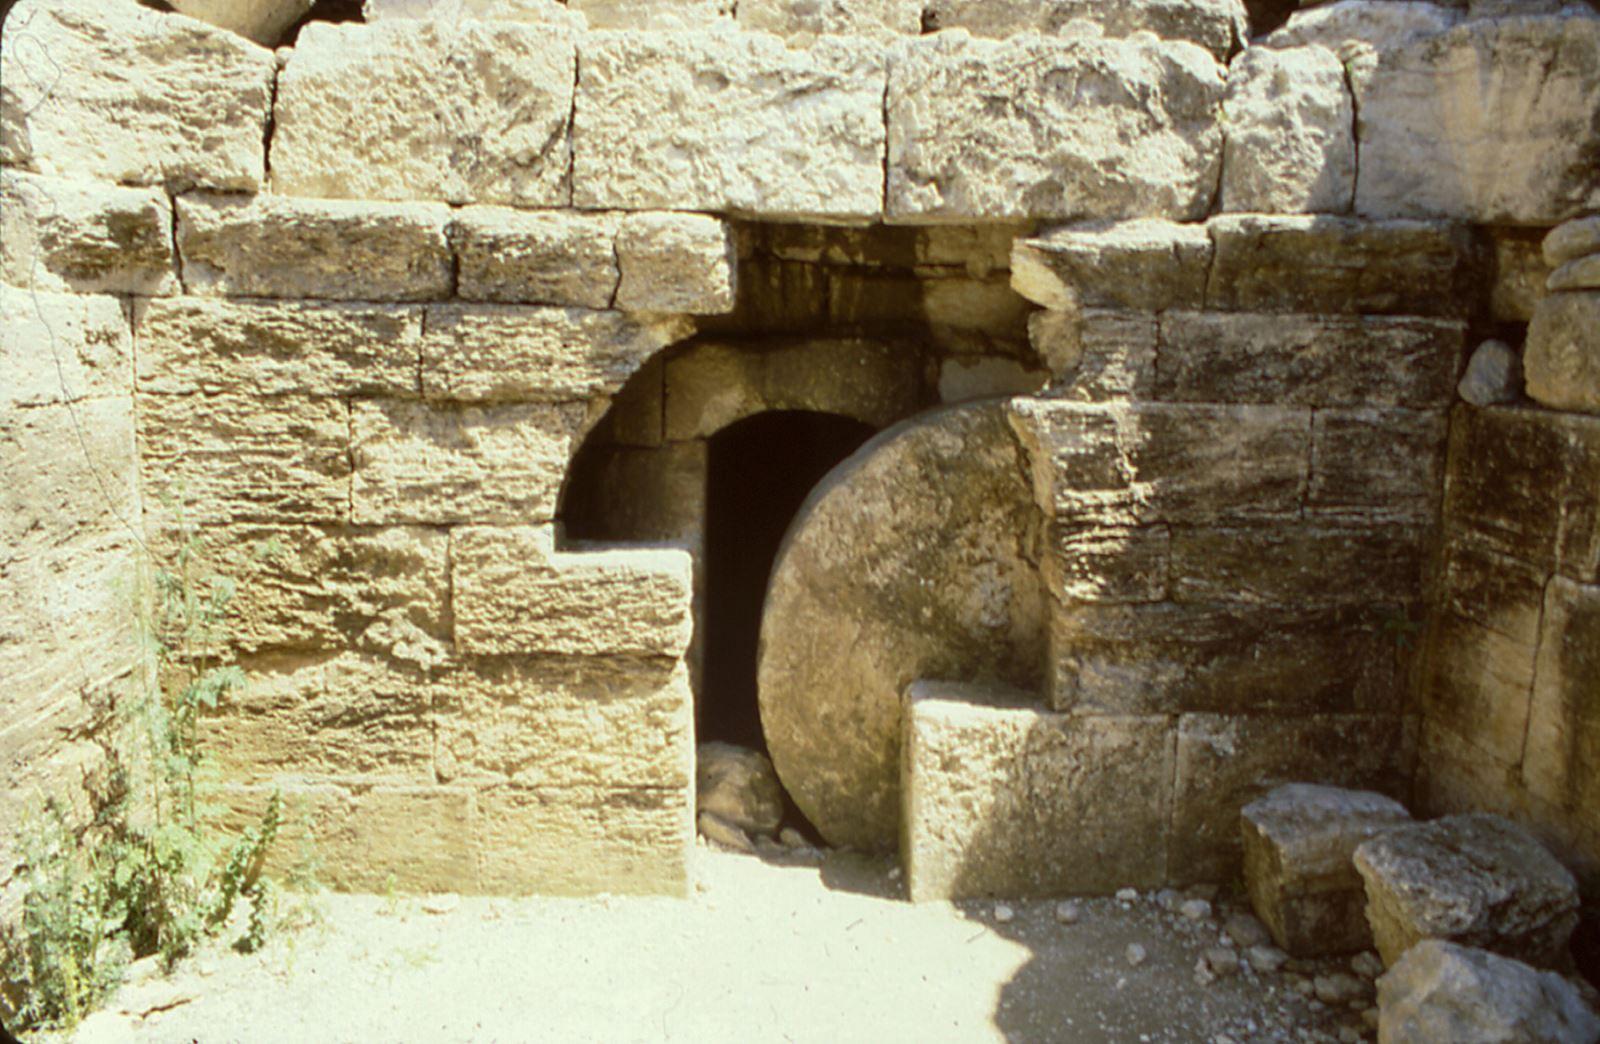 Nghiên cứu về tảng đá phong bế mộ phần Ðức Giêsu